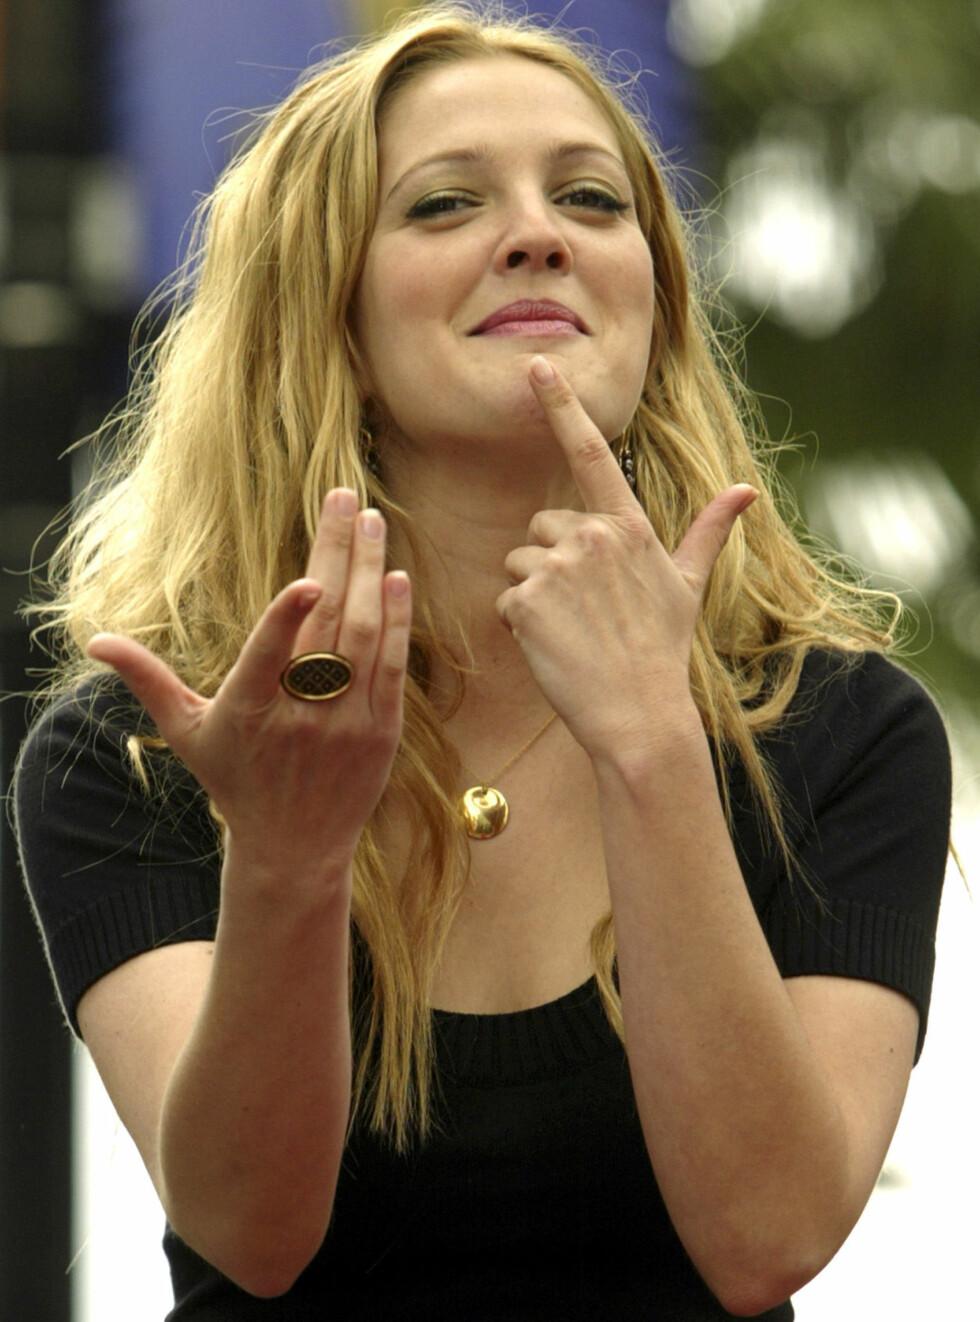 DUMPET: Drew har har klart seg overraskende bra til tross for alt hun har vært gjennom. Foto: AP